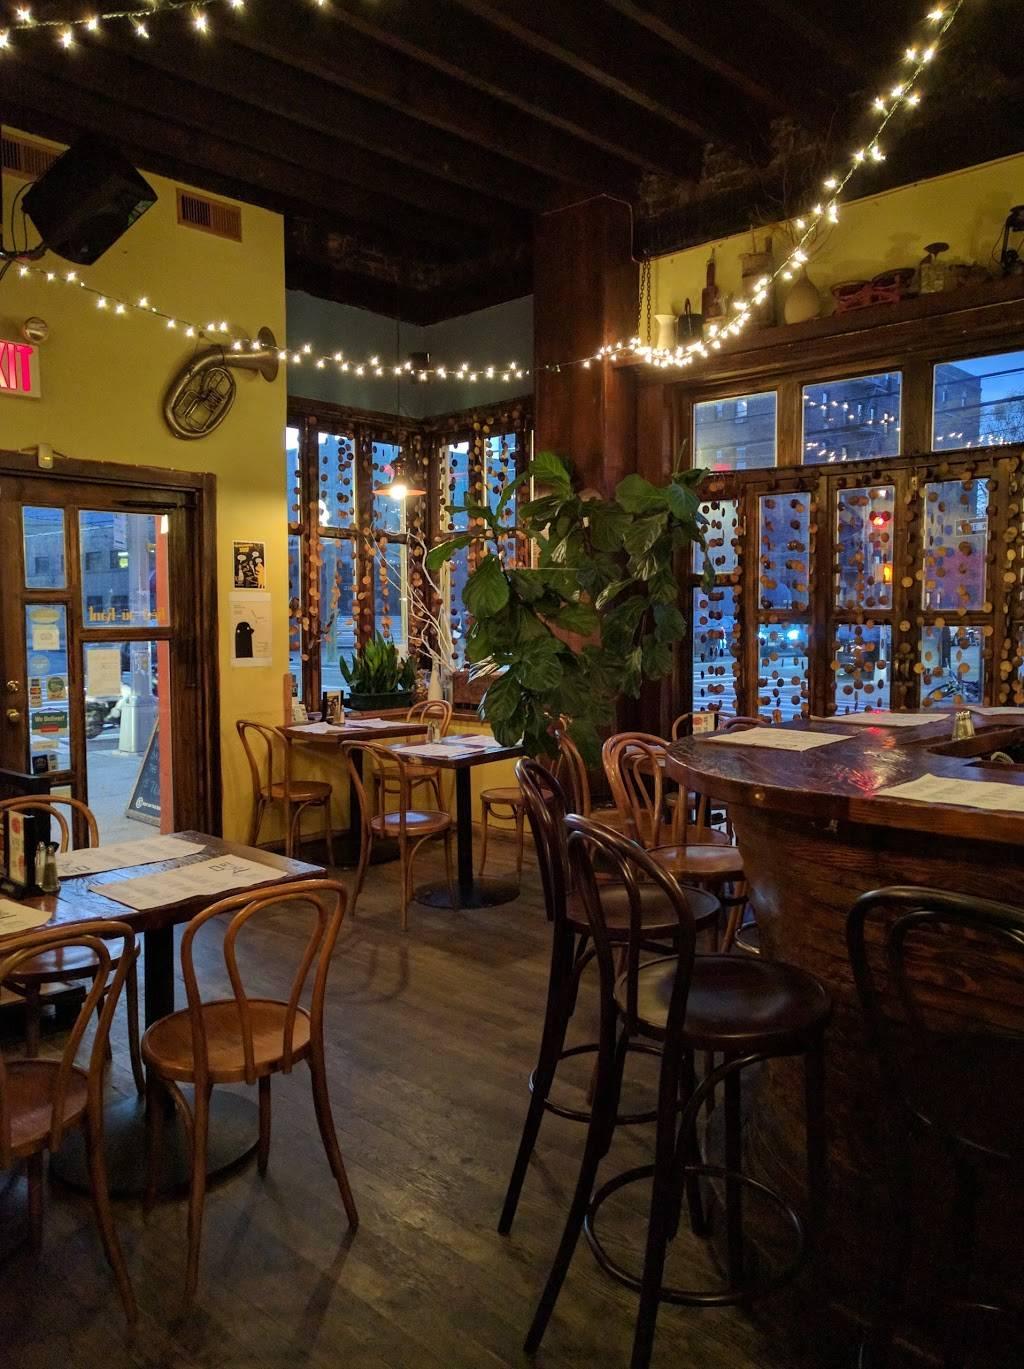 RaR Bar | restaurant | 30-01 35th Ave, Long Island City, NY 11106, USA | 7187299009 OR +1 718-729-9009